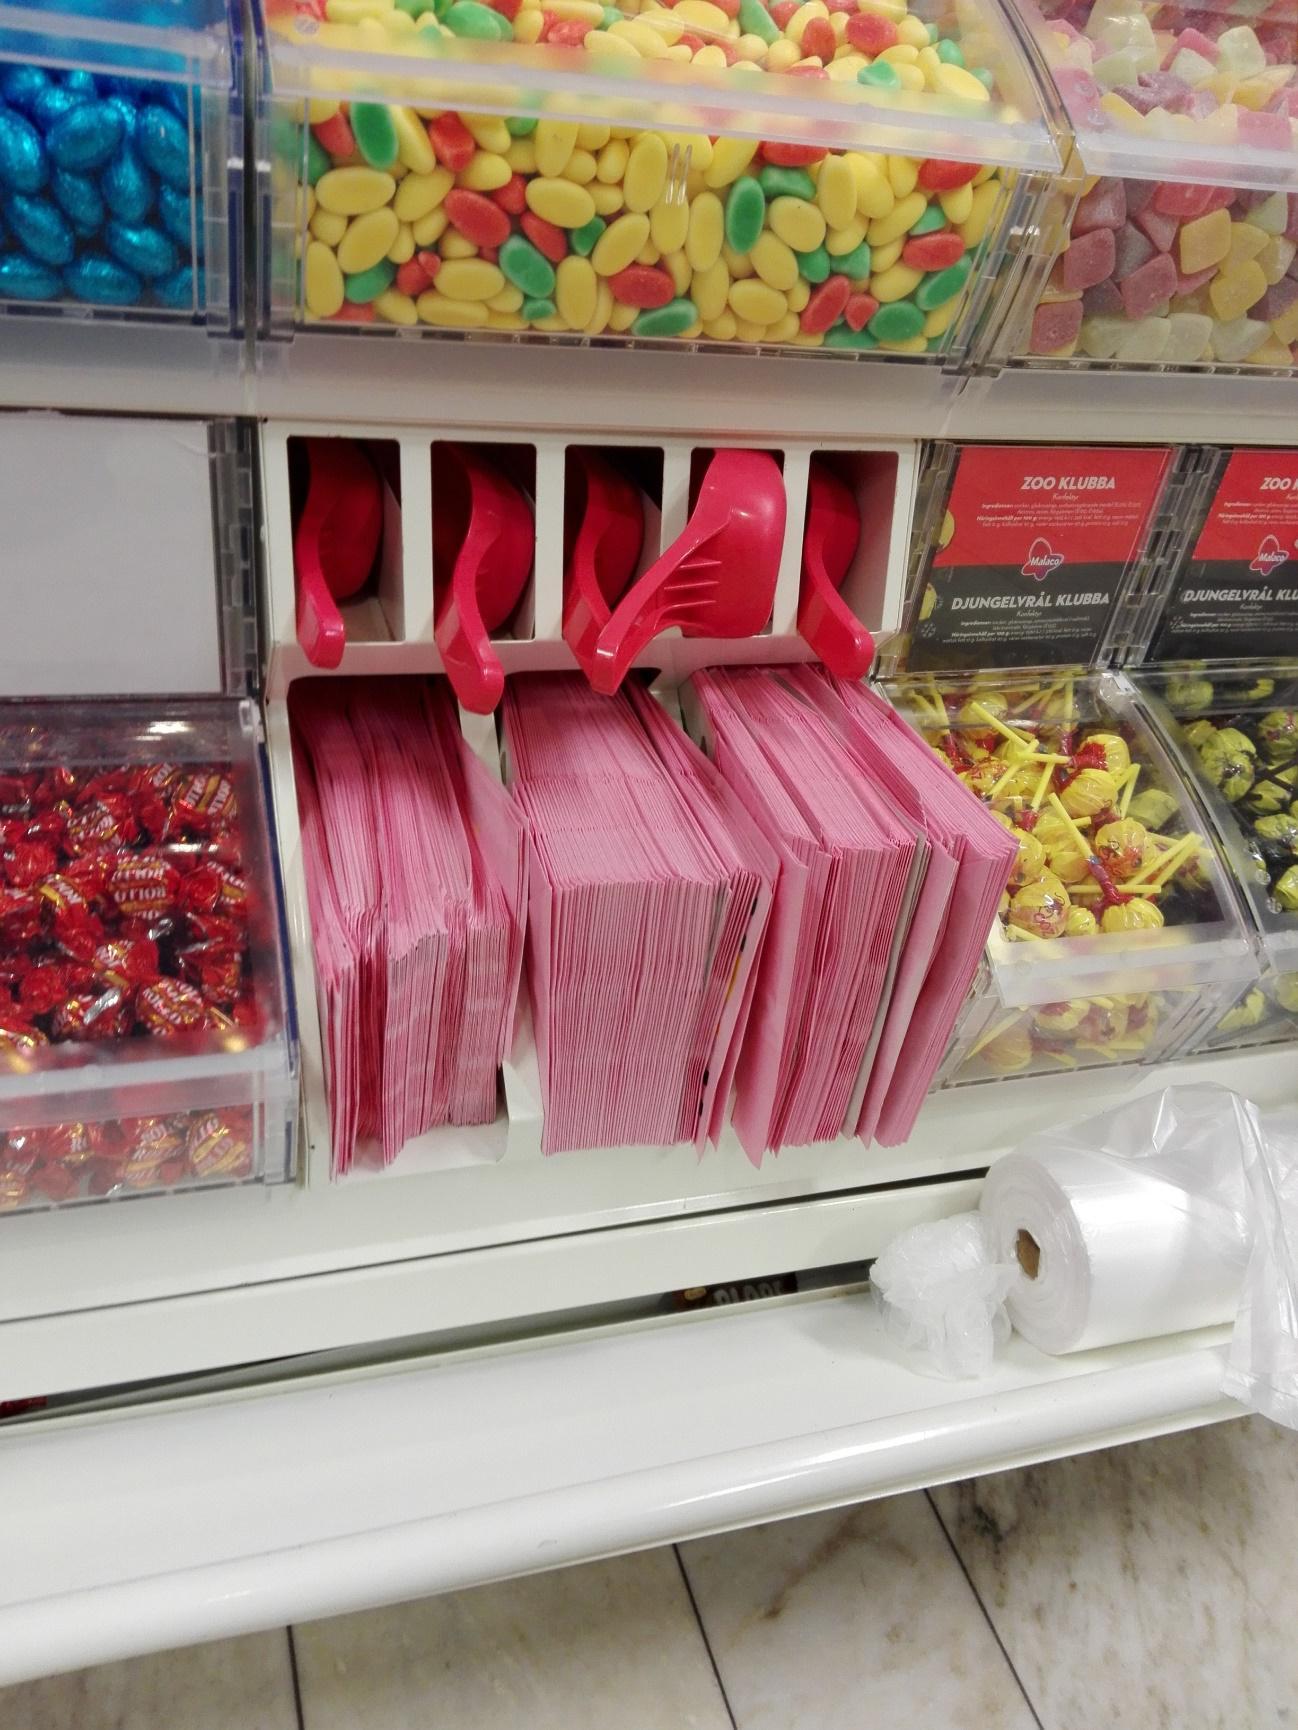 スウェーデンではお菓子の量り売り「Godis」が大人気